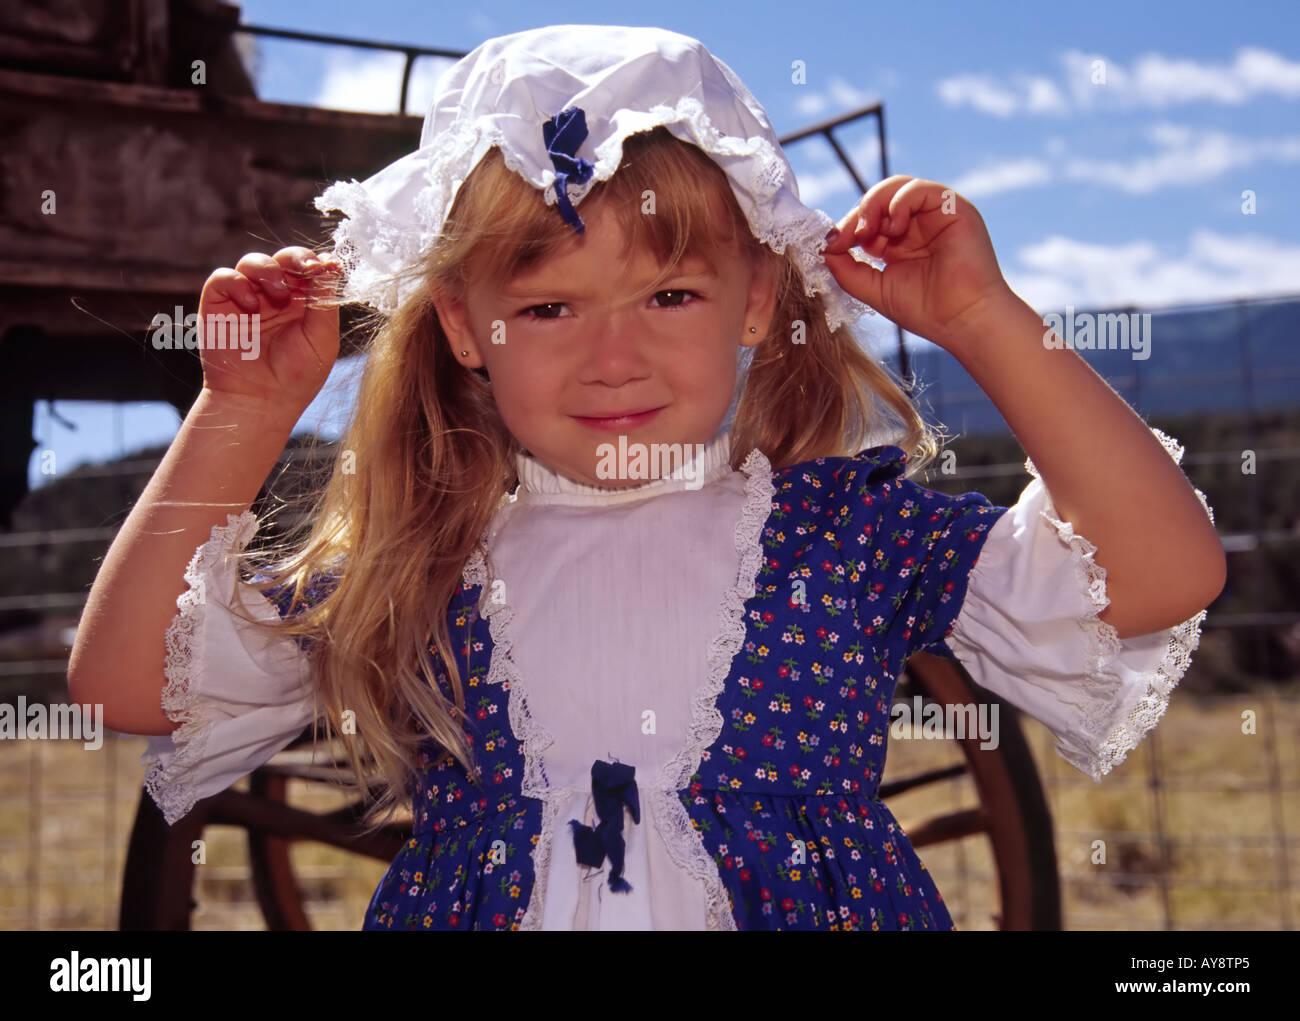 MR 573 Mariah Pethick parade comme un joli lass pioneer à 'Miner's Day', dans la ville fantôme de chênes blancs, Nouveau Mexique. Banque D'Images